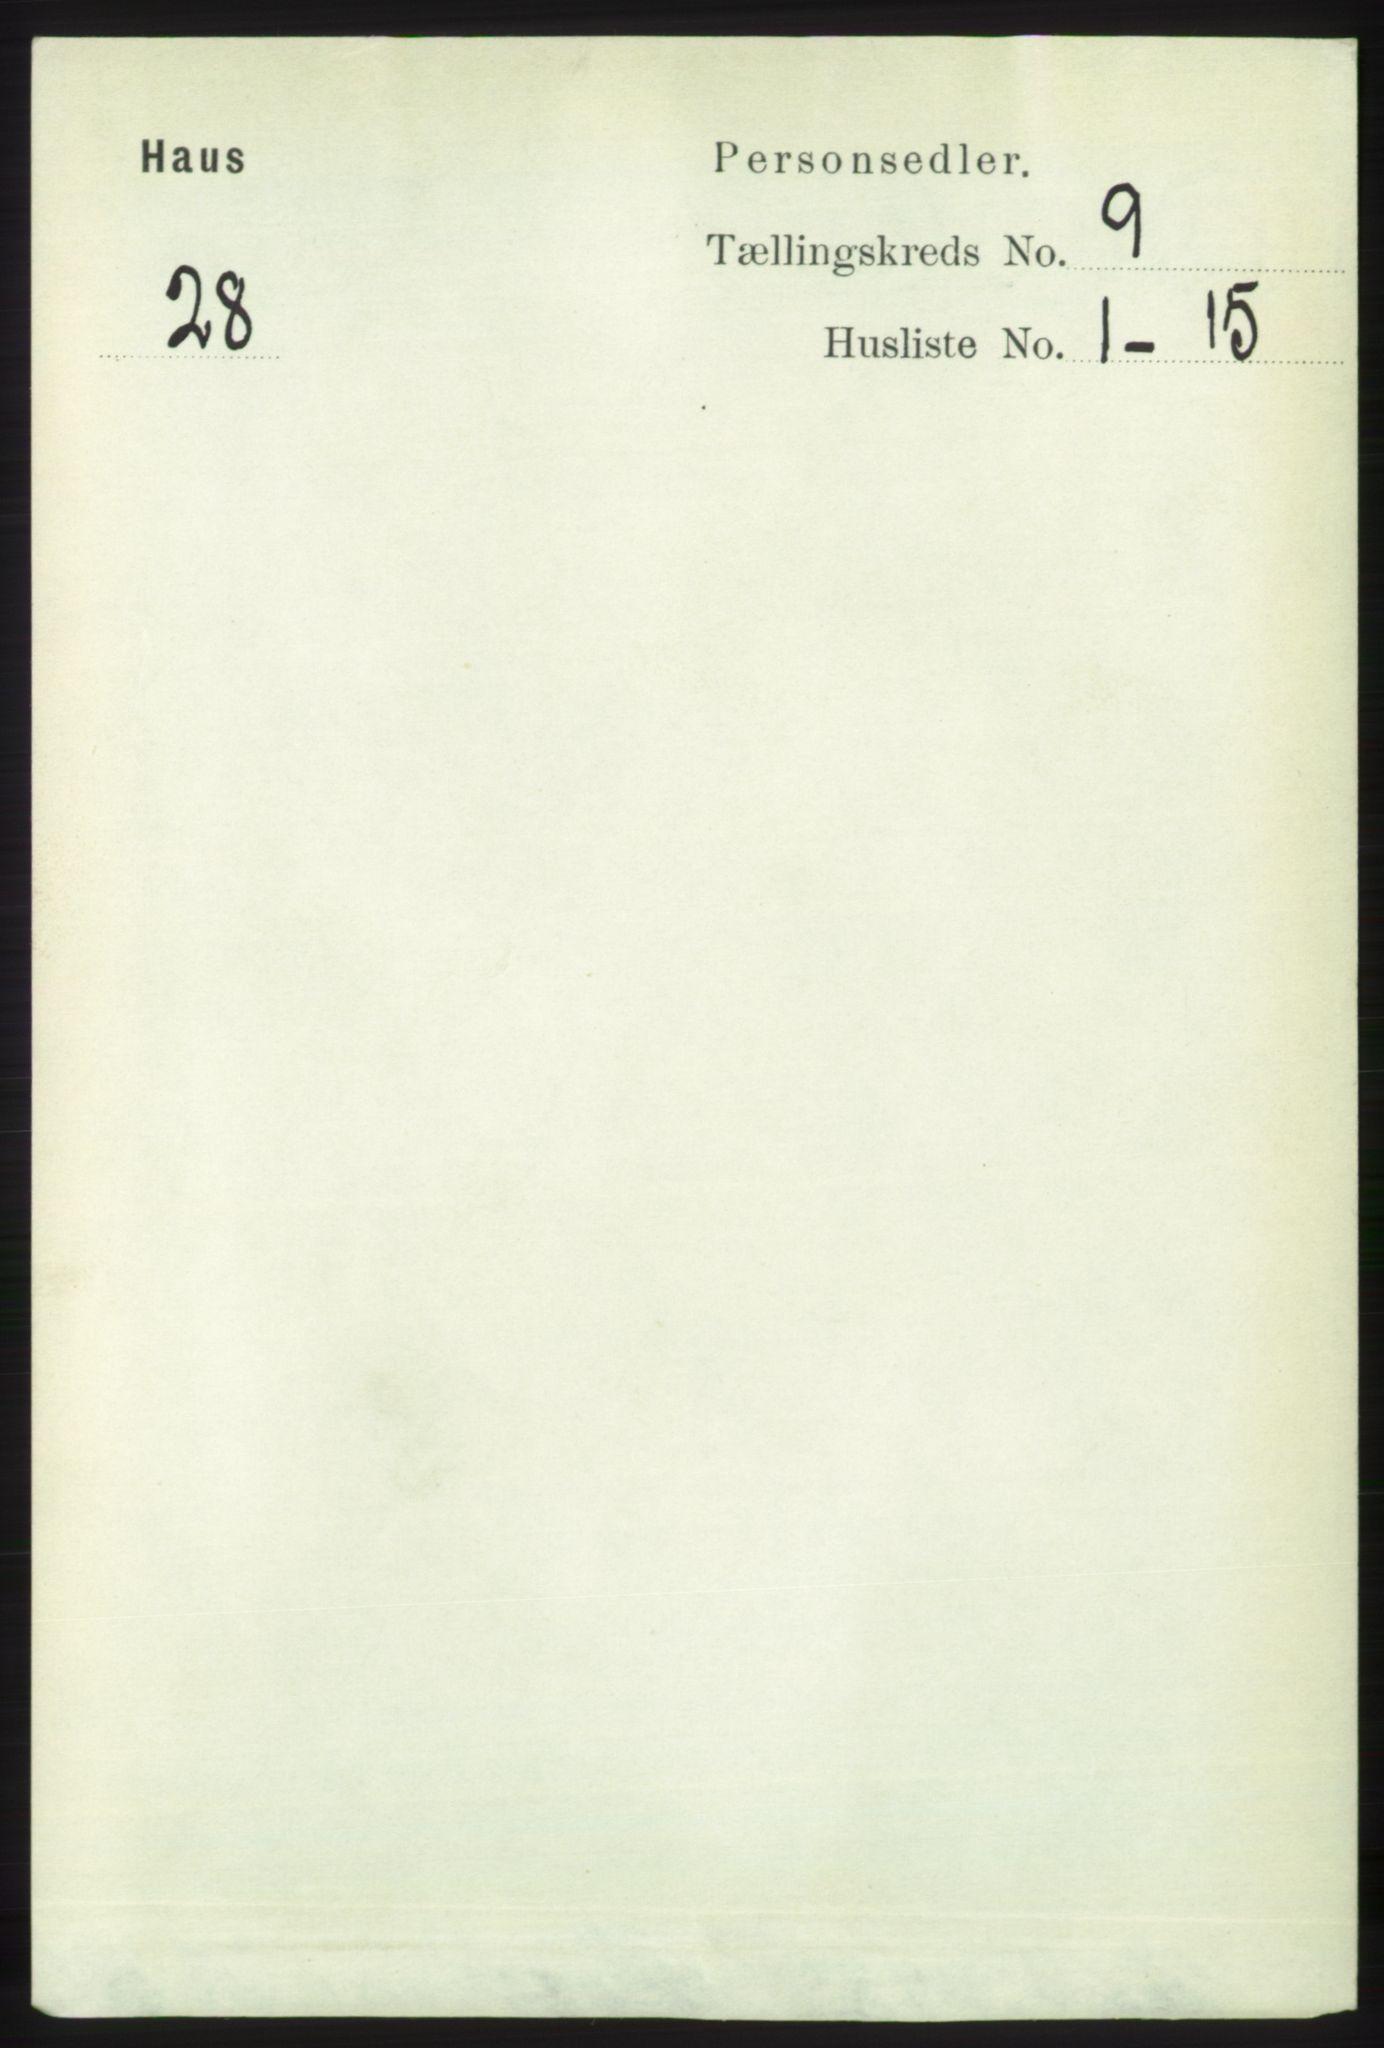 RA, Folketelling 1891 for 1250 Haus herred, 1891, s. 3543